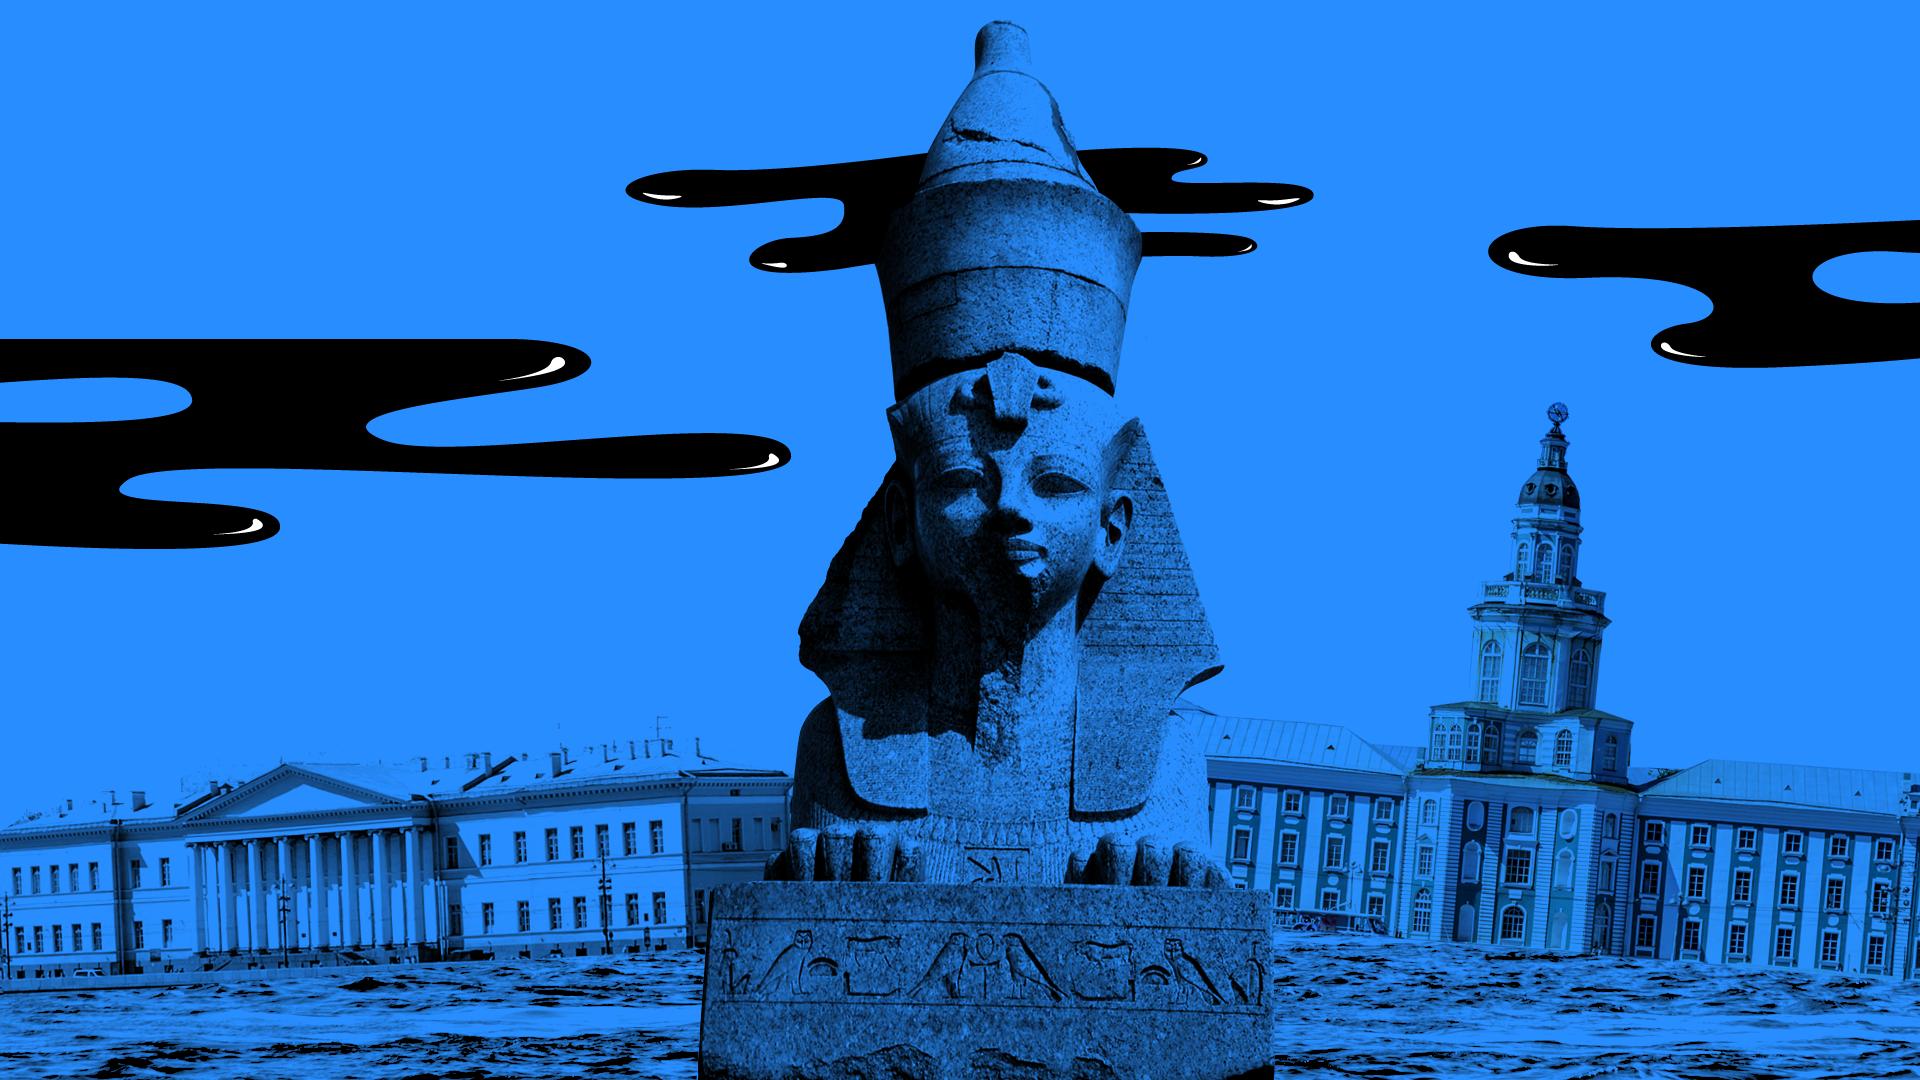 Embaixador russo em Alexandria convenceu tsar a comprar esfinges de Amenófis, mas população acredita que elas sejam criaturas ameaçadoras.